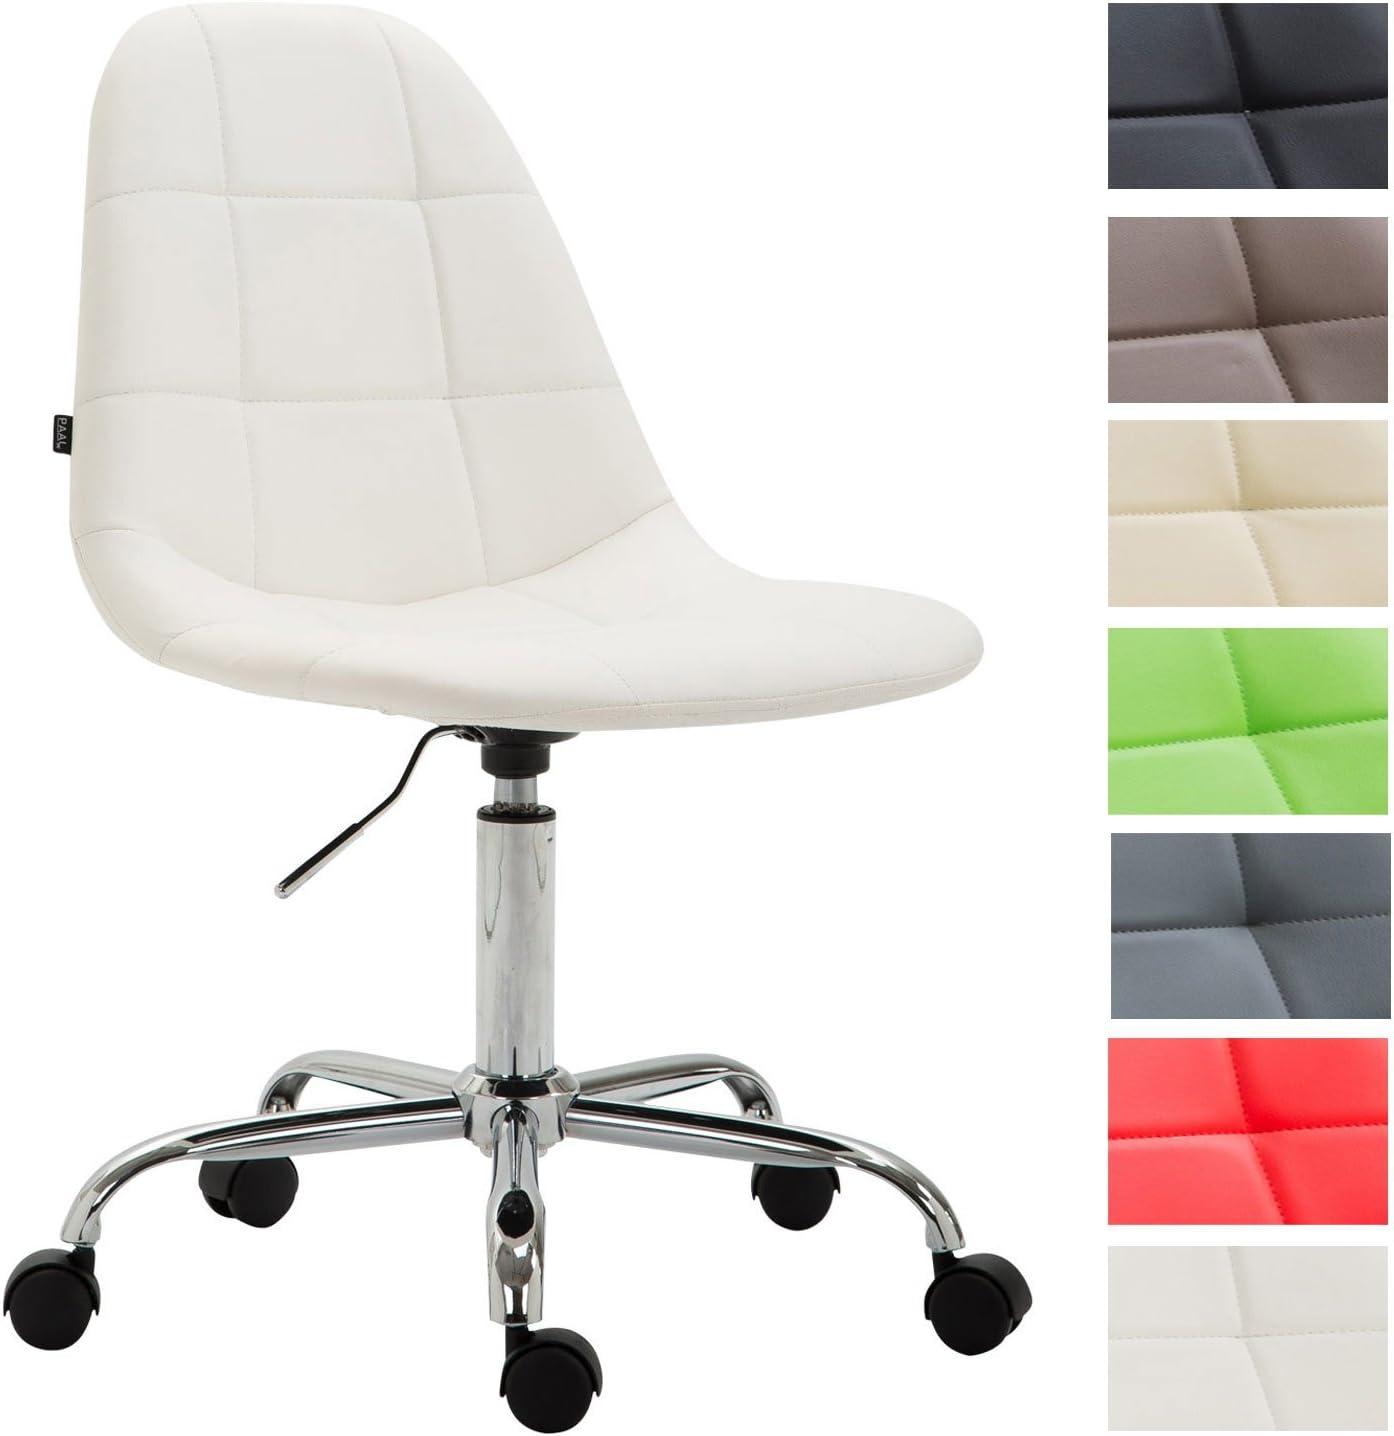 CLP Silla De Oficina Moderna Reims Tapizado En Cuero PU I Silla De Escritorio con Respaldo I Silla De Ordenador con Ruedas I Color: Blanco